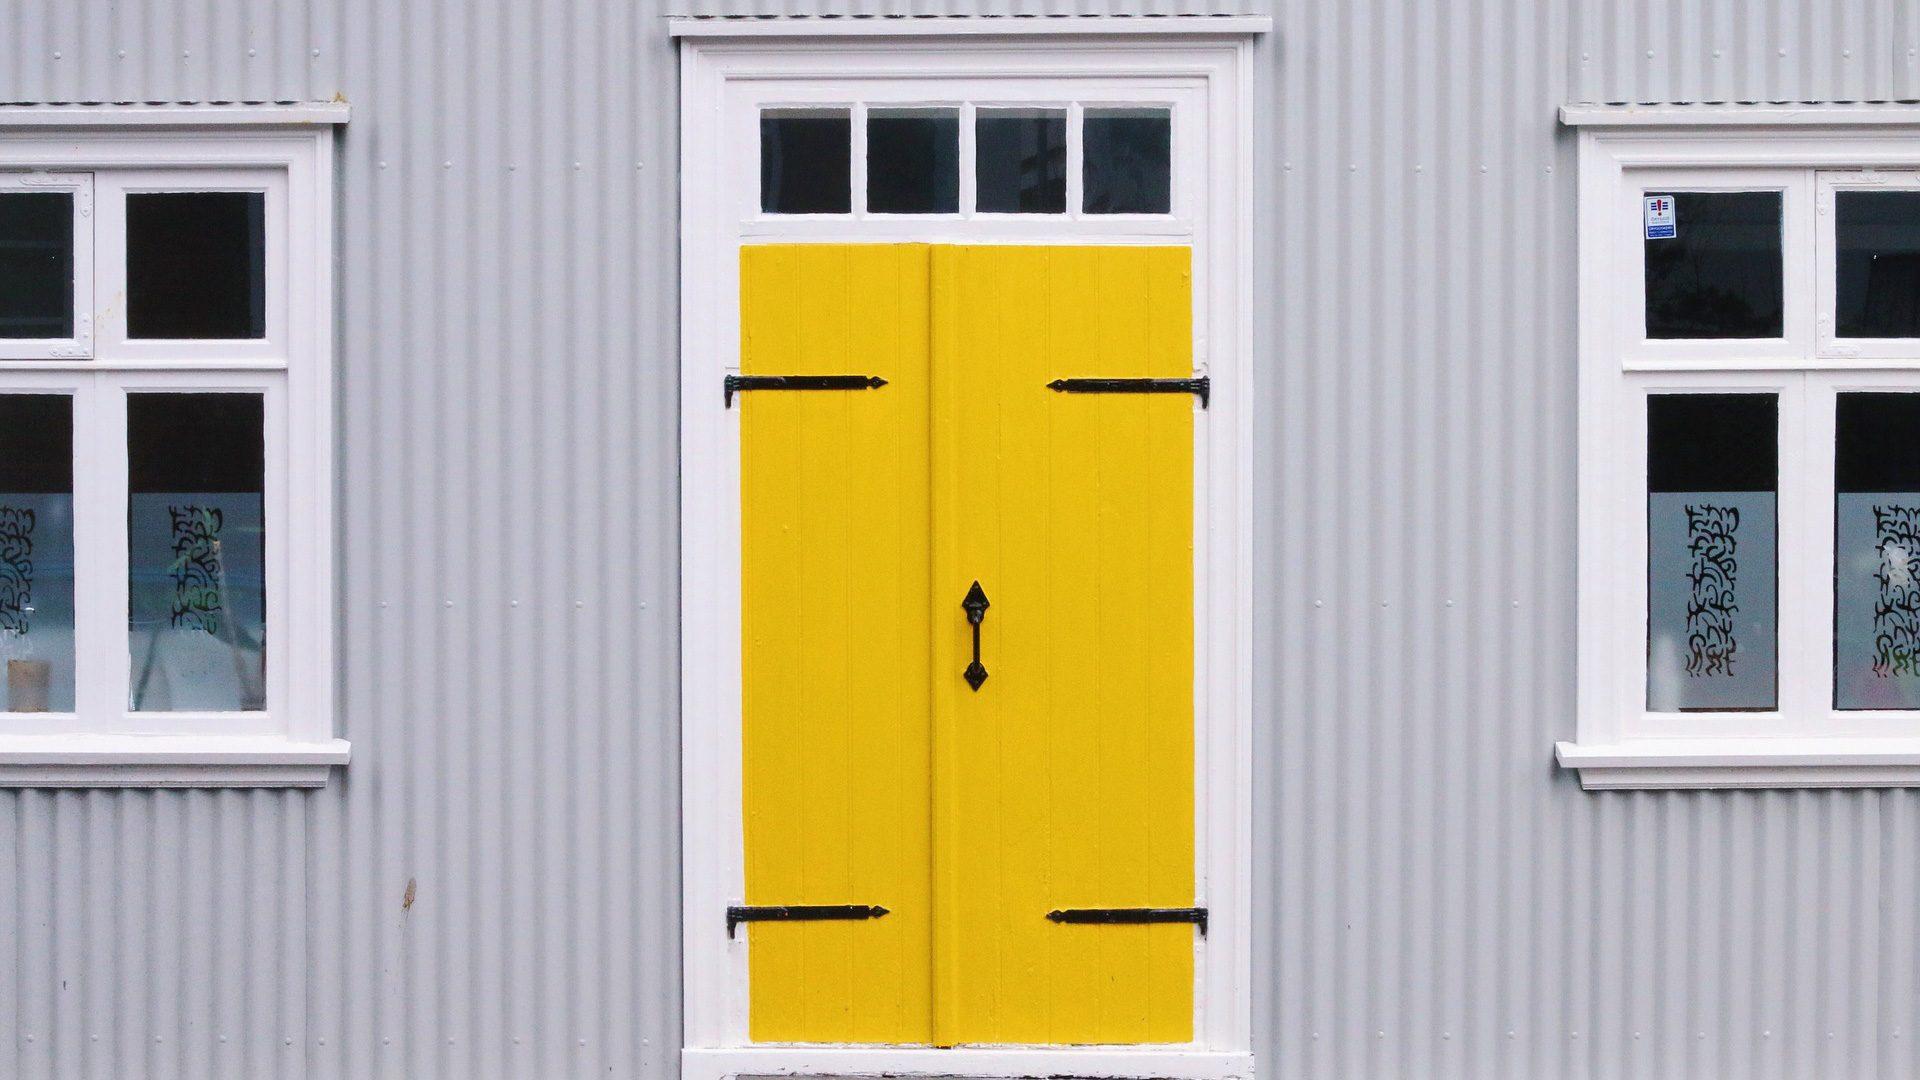 Porte in legno: manutenzione ordinaria e straordinaria